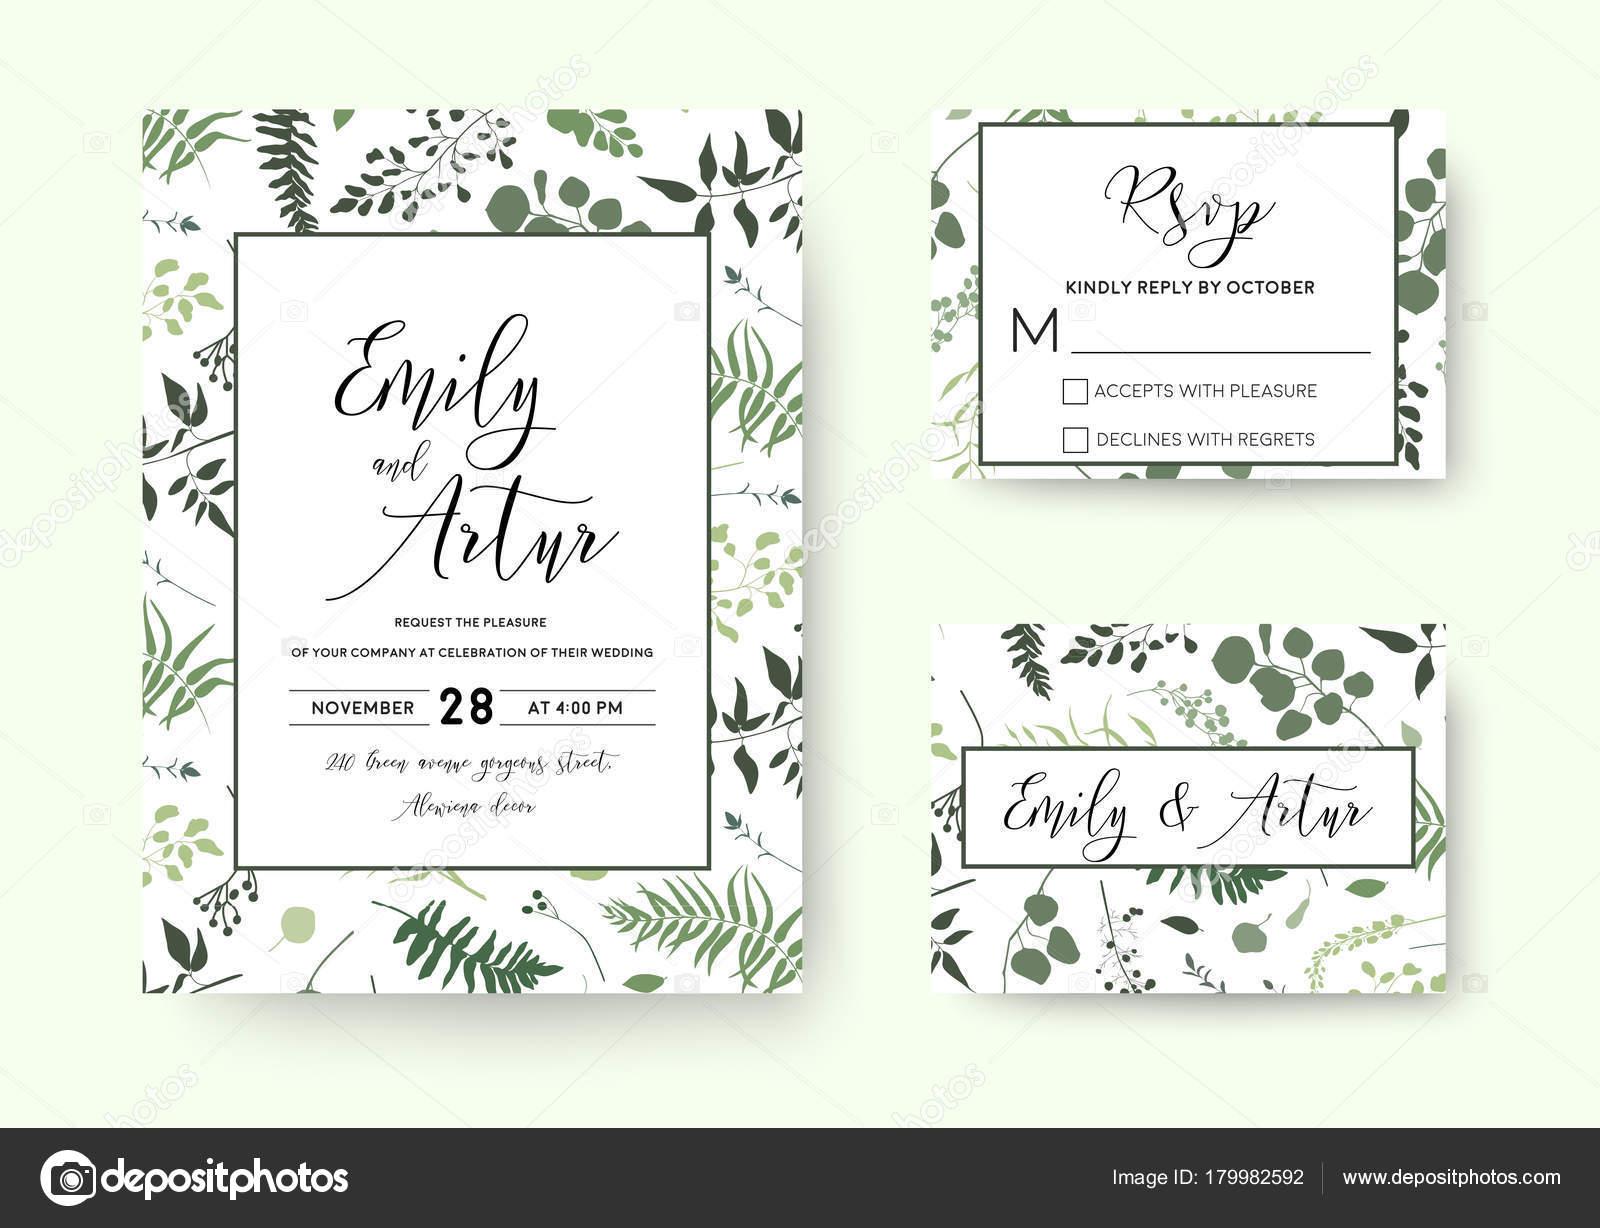 Hochzeitseinladung, Einladung Rsvp Karte Vektor Floral Grün Silhouette  Design: Palm Farn Baum